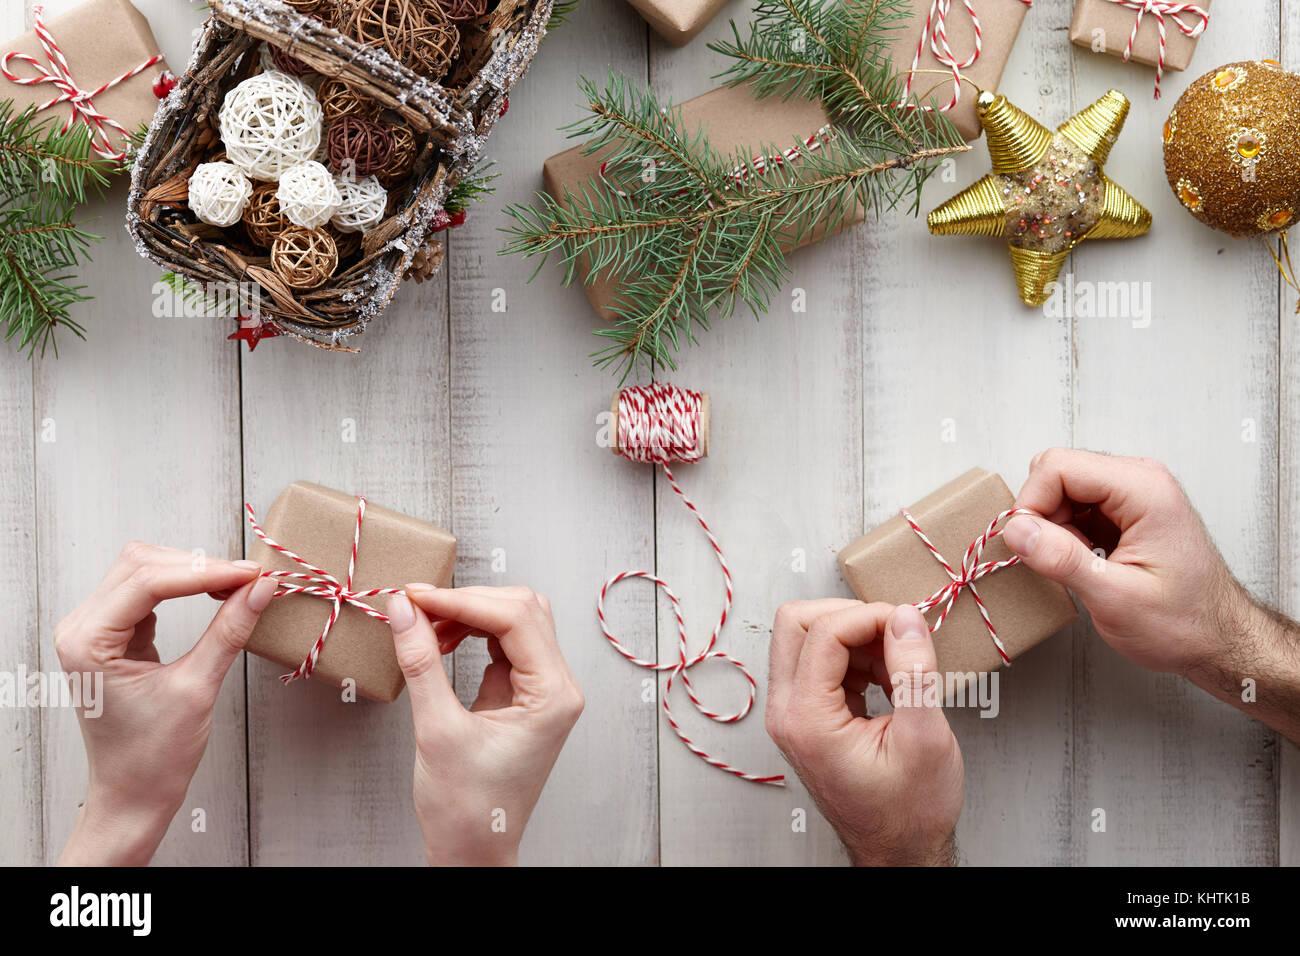 Regali Di Natale Per Coppia.Due Coppie Di Mani Impacchettare I Regali Di Natale E Confezioni